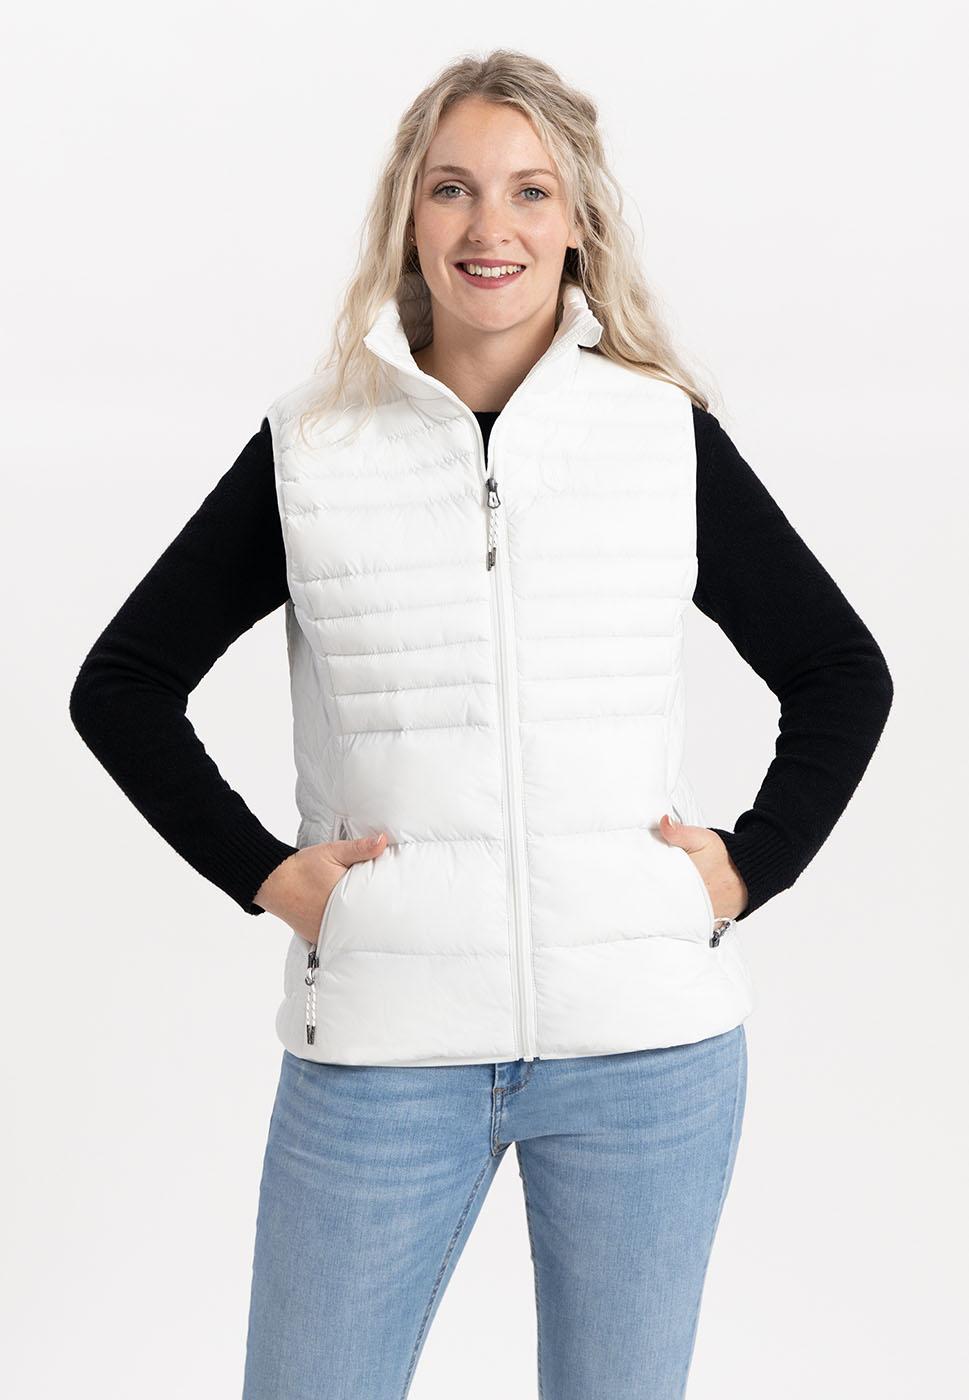 Kjelvik Scandinavian Clothing - Women Bodywarmers Denise White